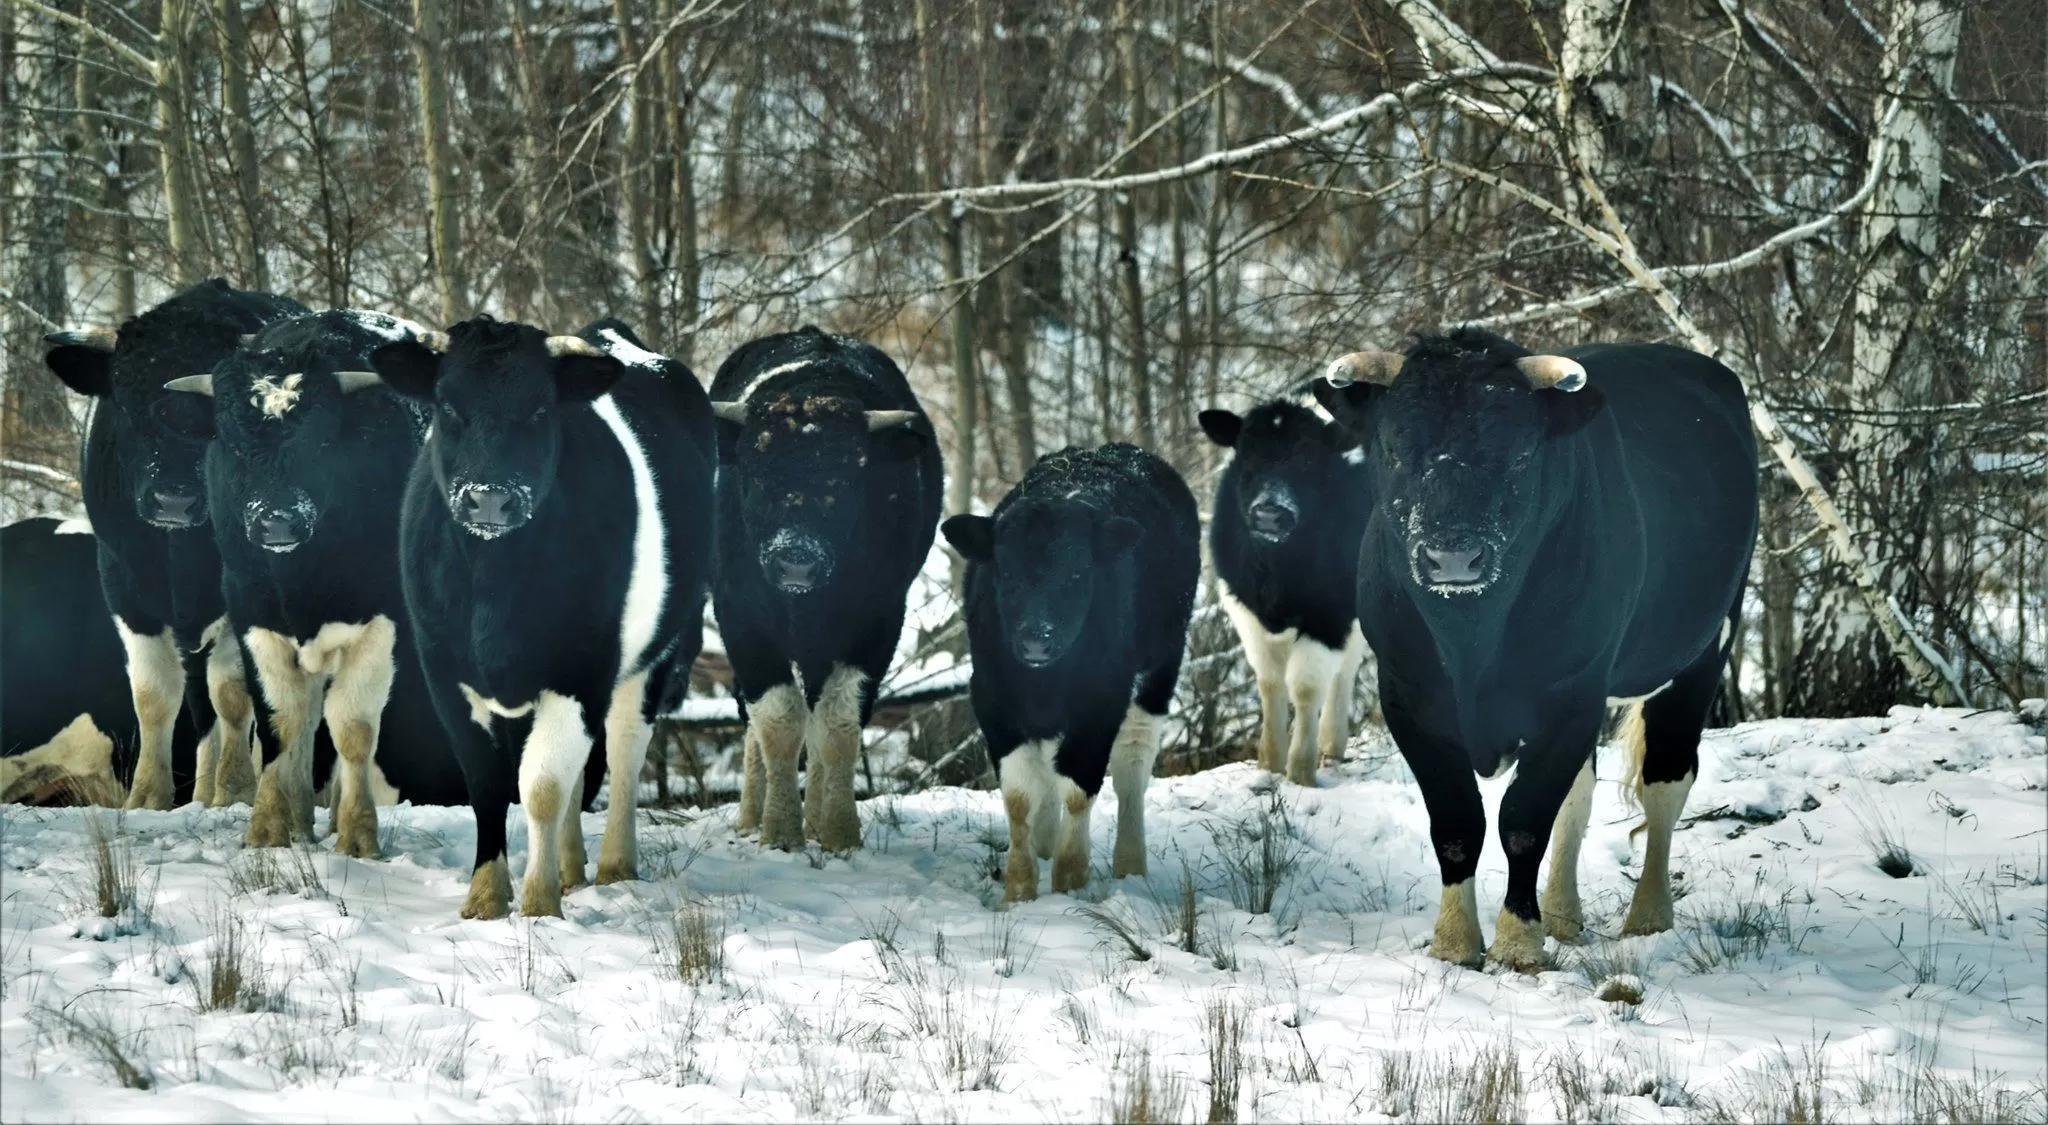 Одичавшие коровы Чернобыльской зоны отчуждения организовали стадо и ведут себя как дикие предки